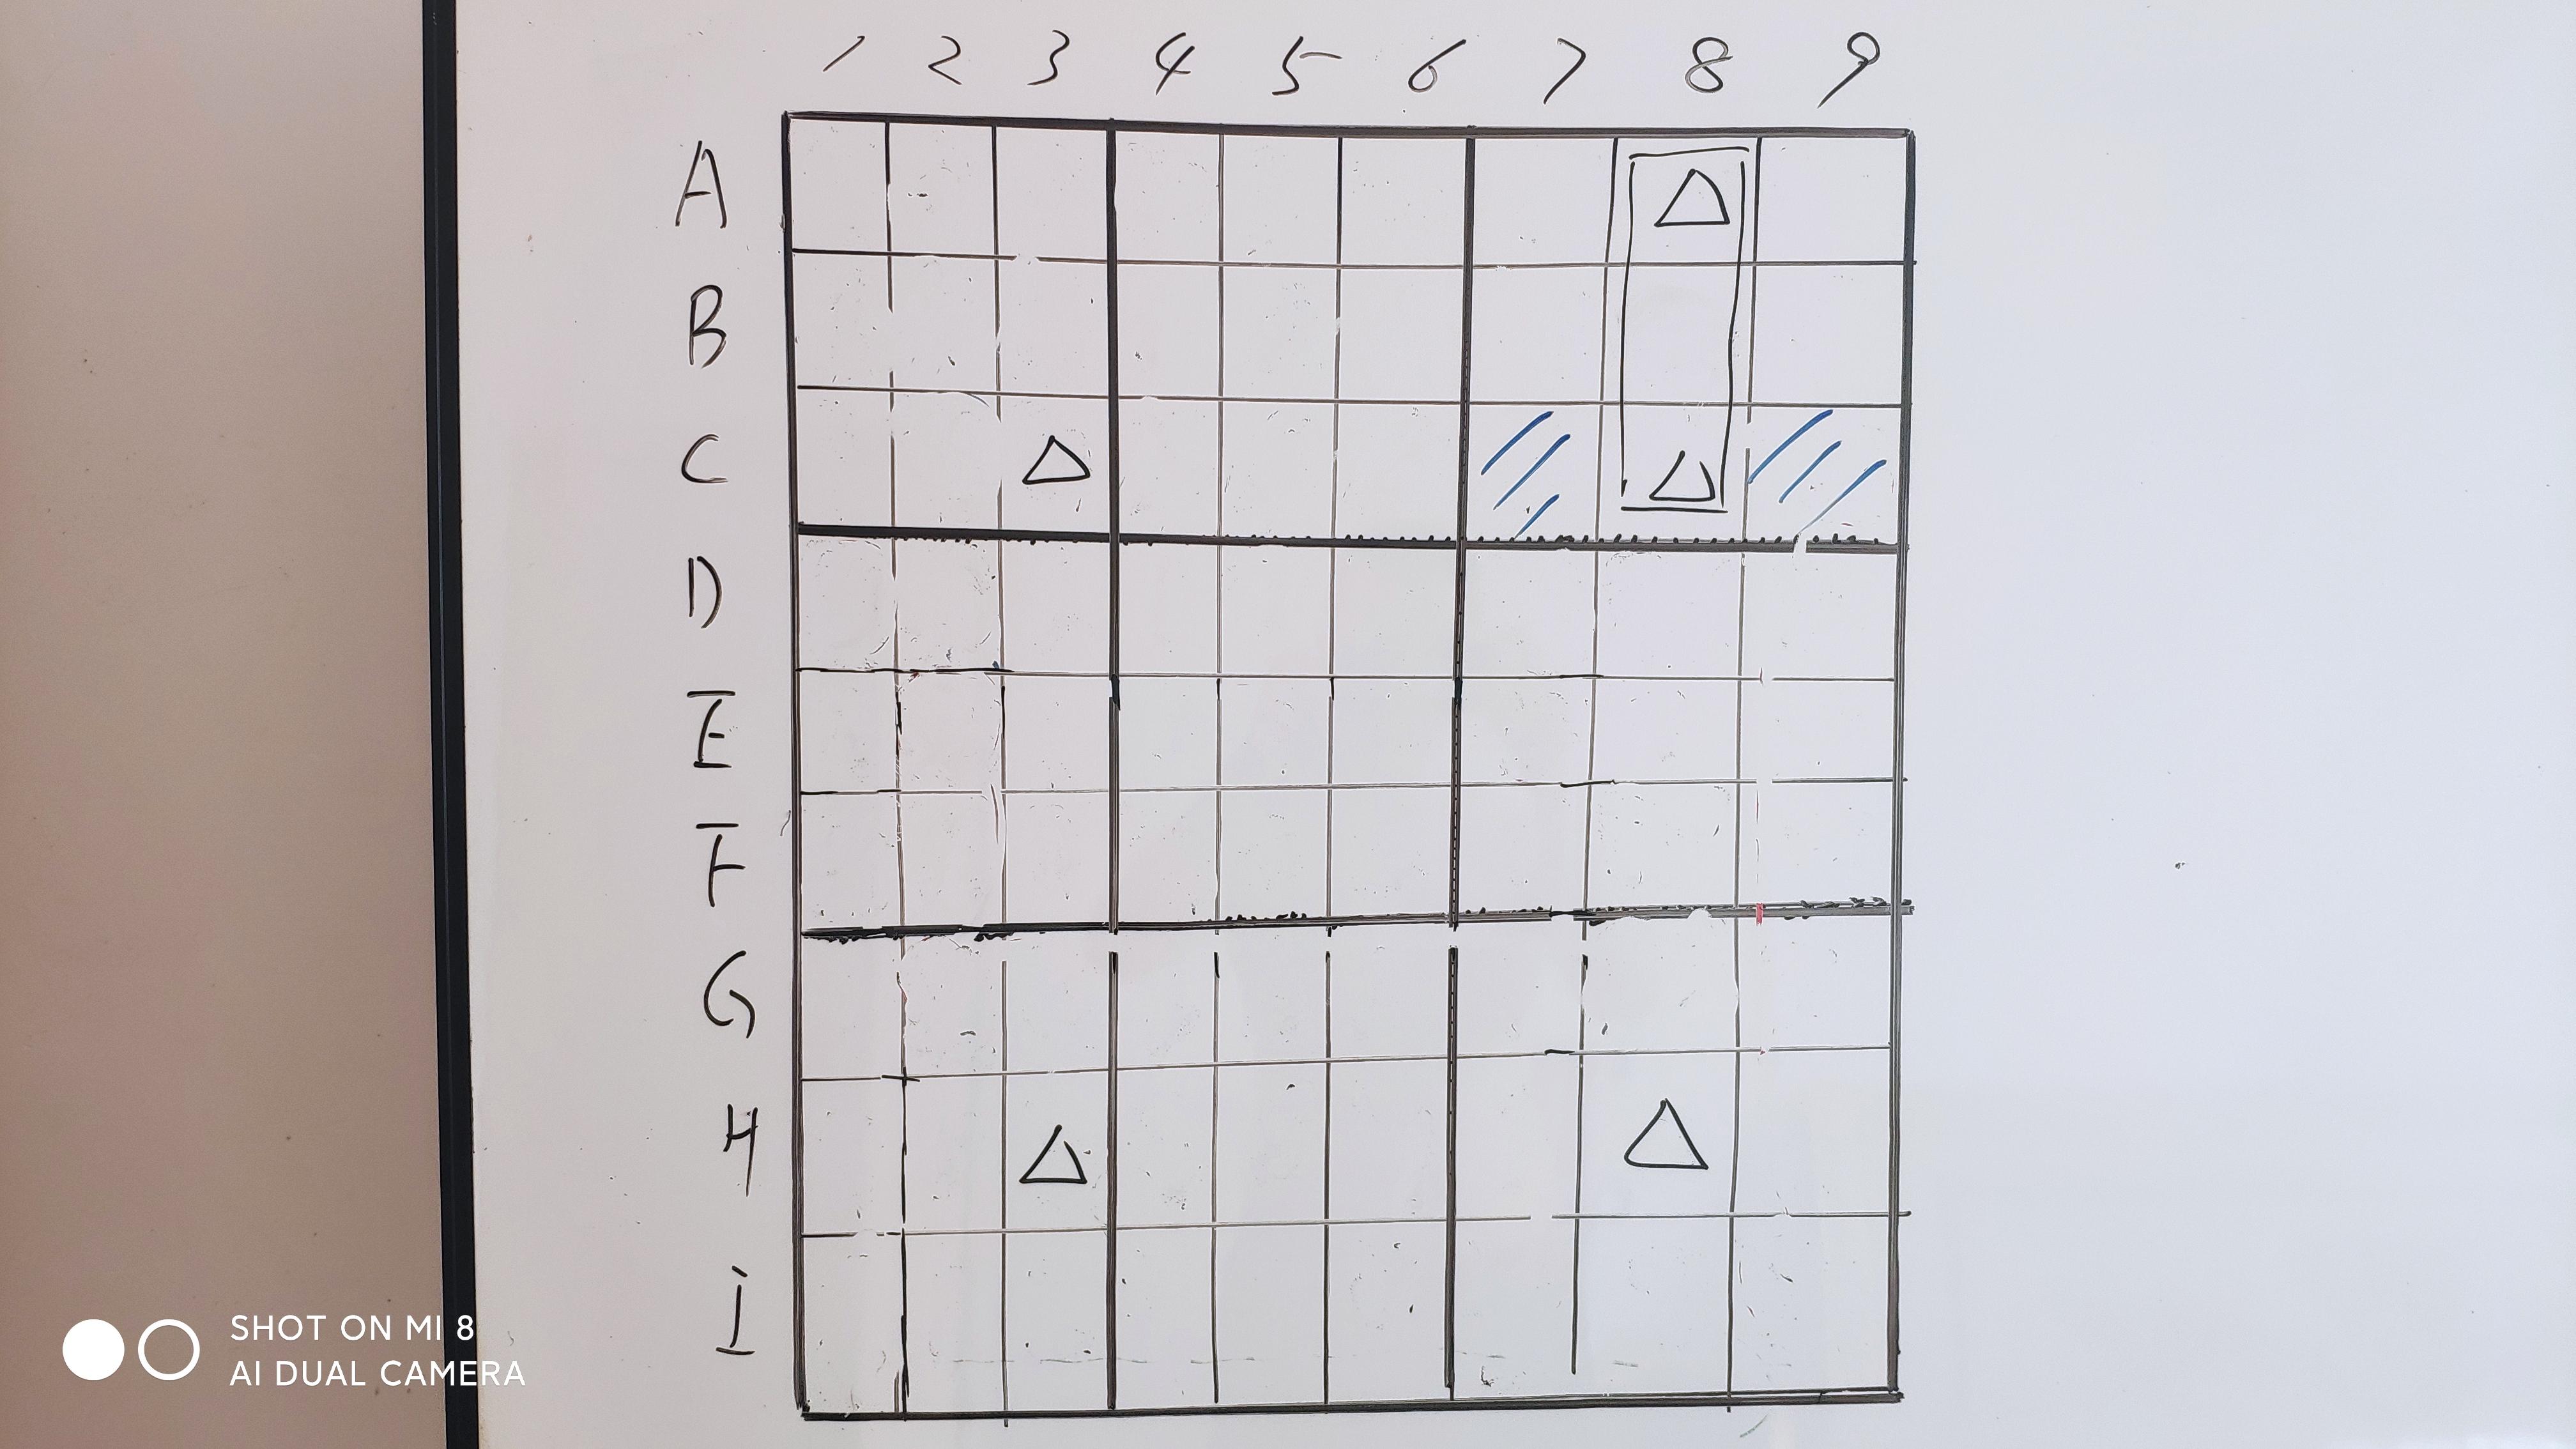 数独高级解法,摩天楼、双线风筝结构,数独技巧系列四